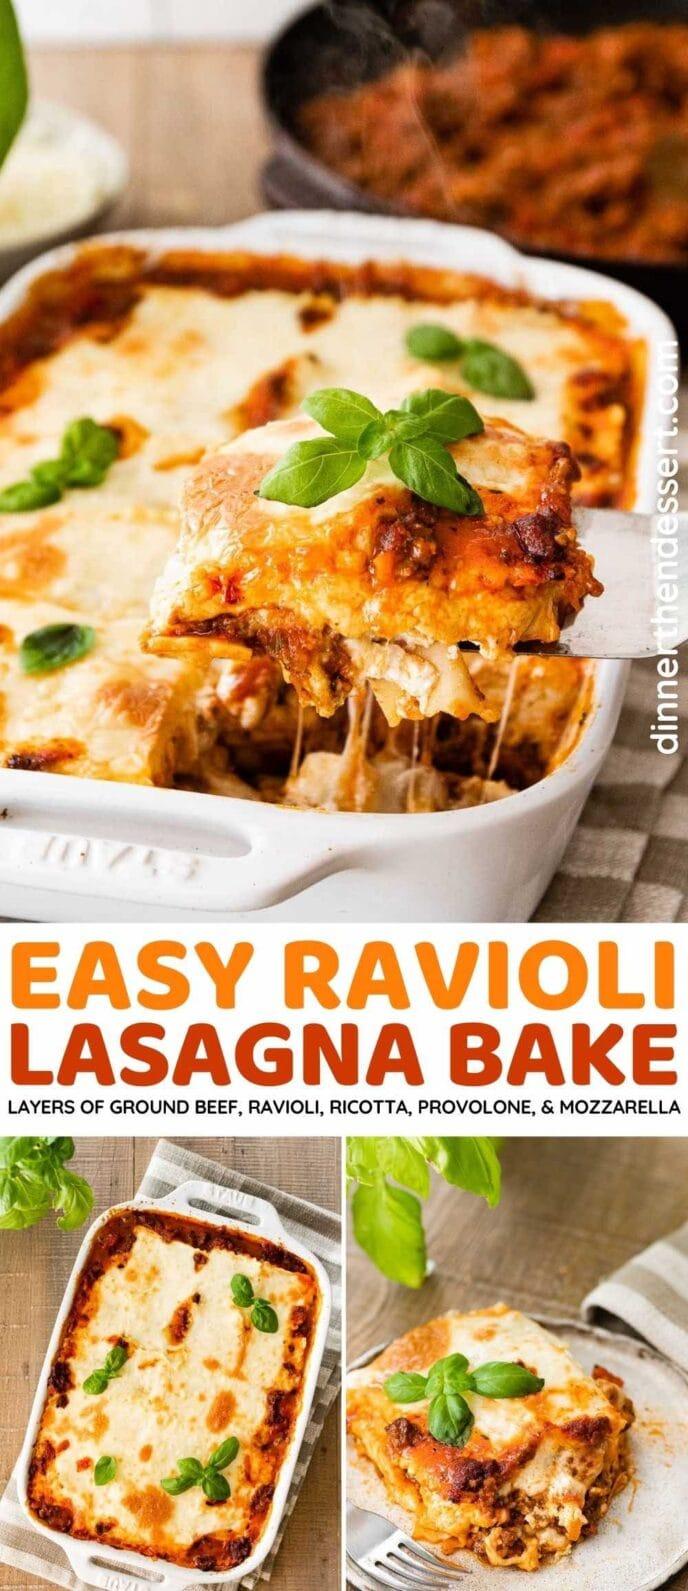 Ravioli Lasagna Bake collage